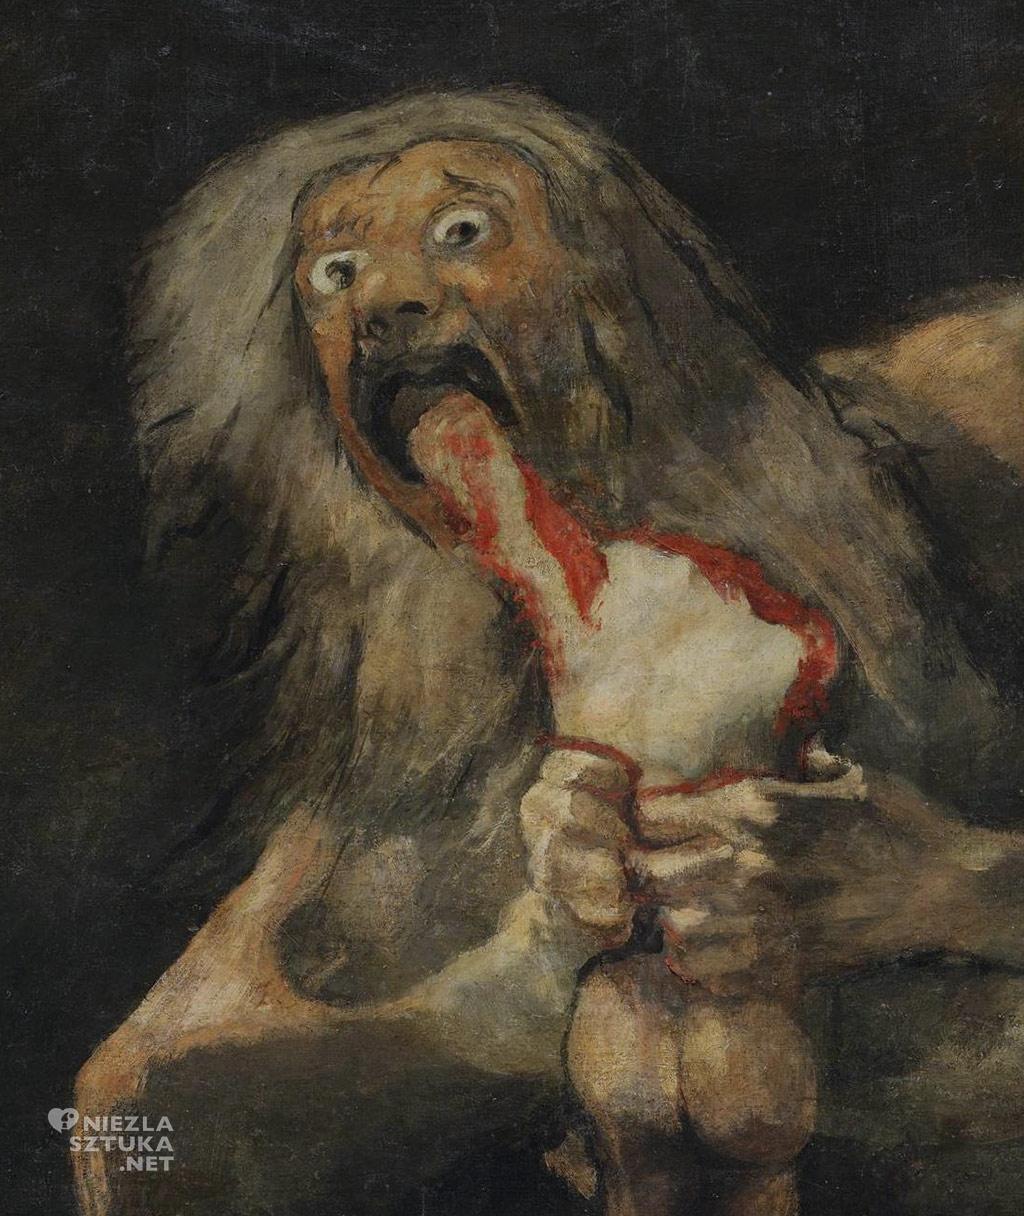 Goya <em>Saturn pożerający swe dzieci</em> | 1819-1823